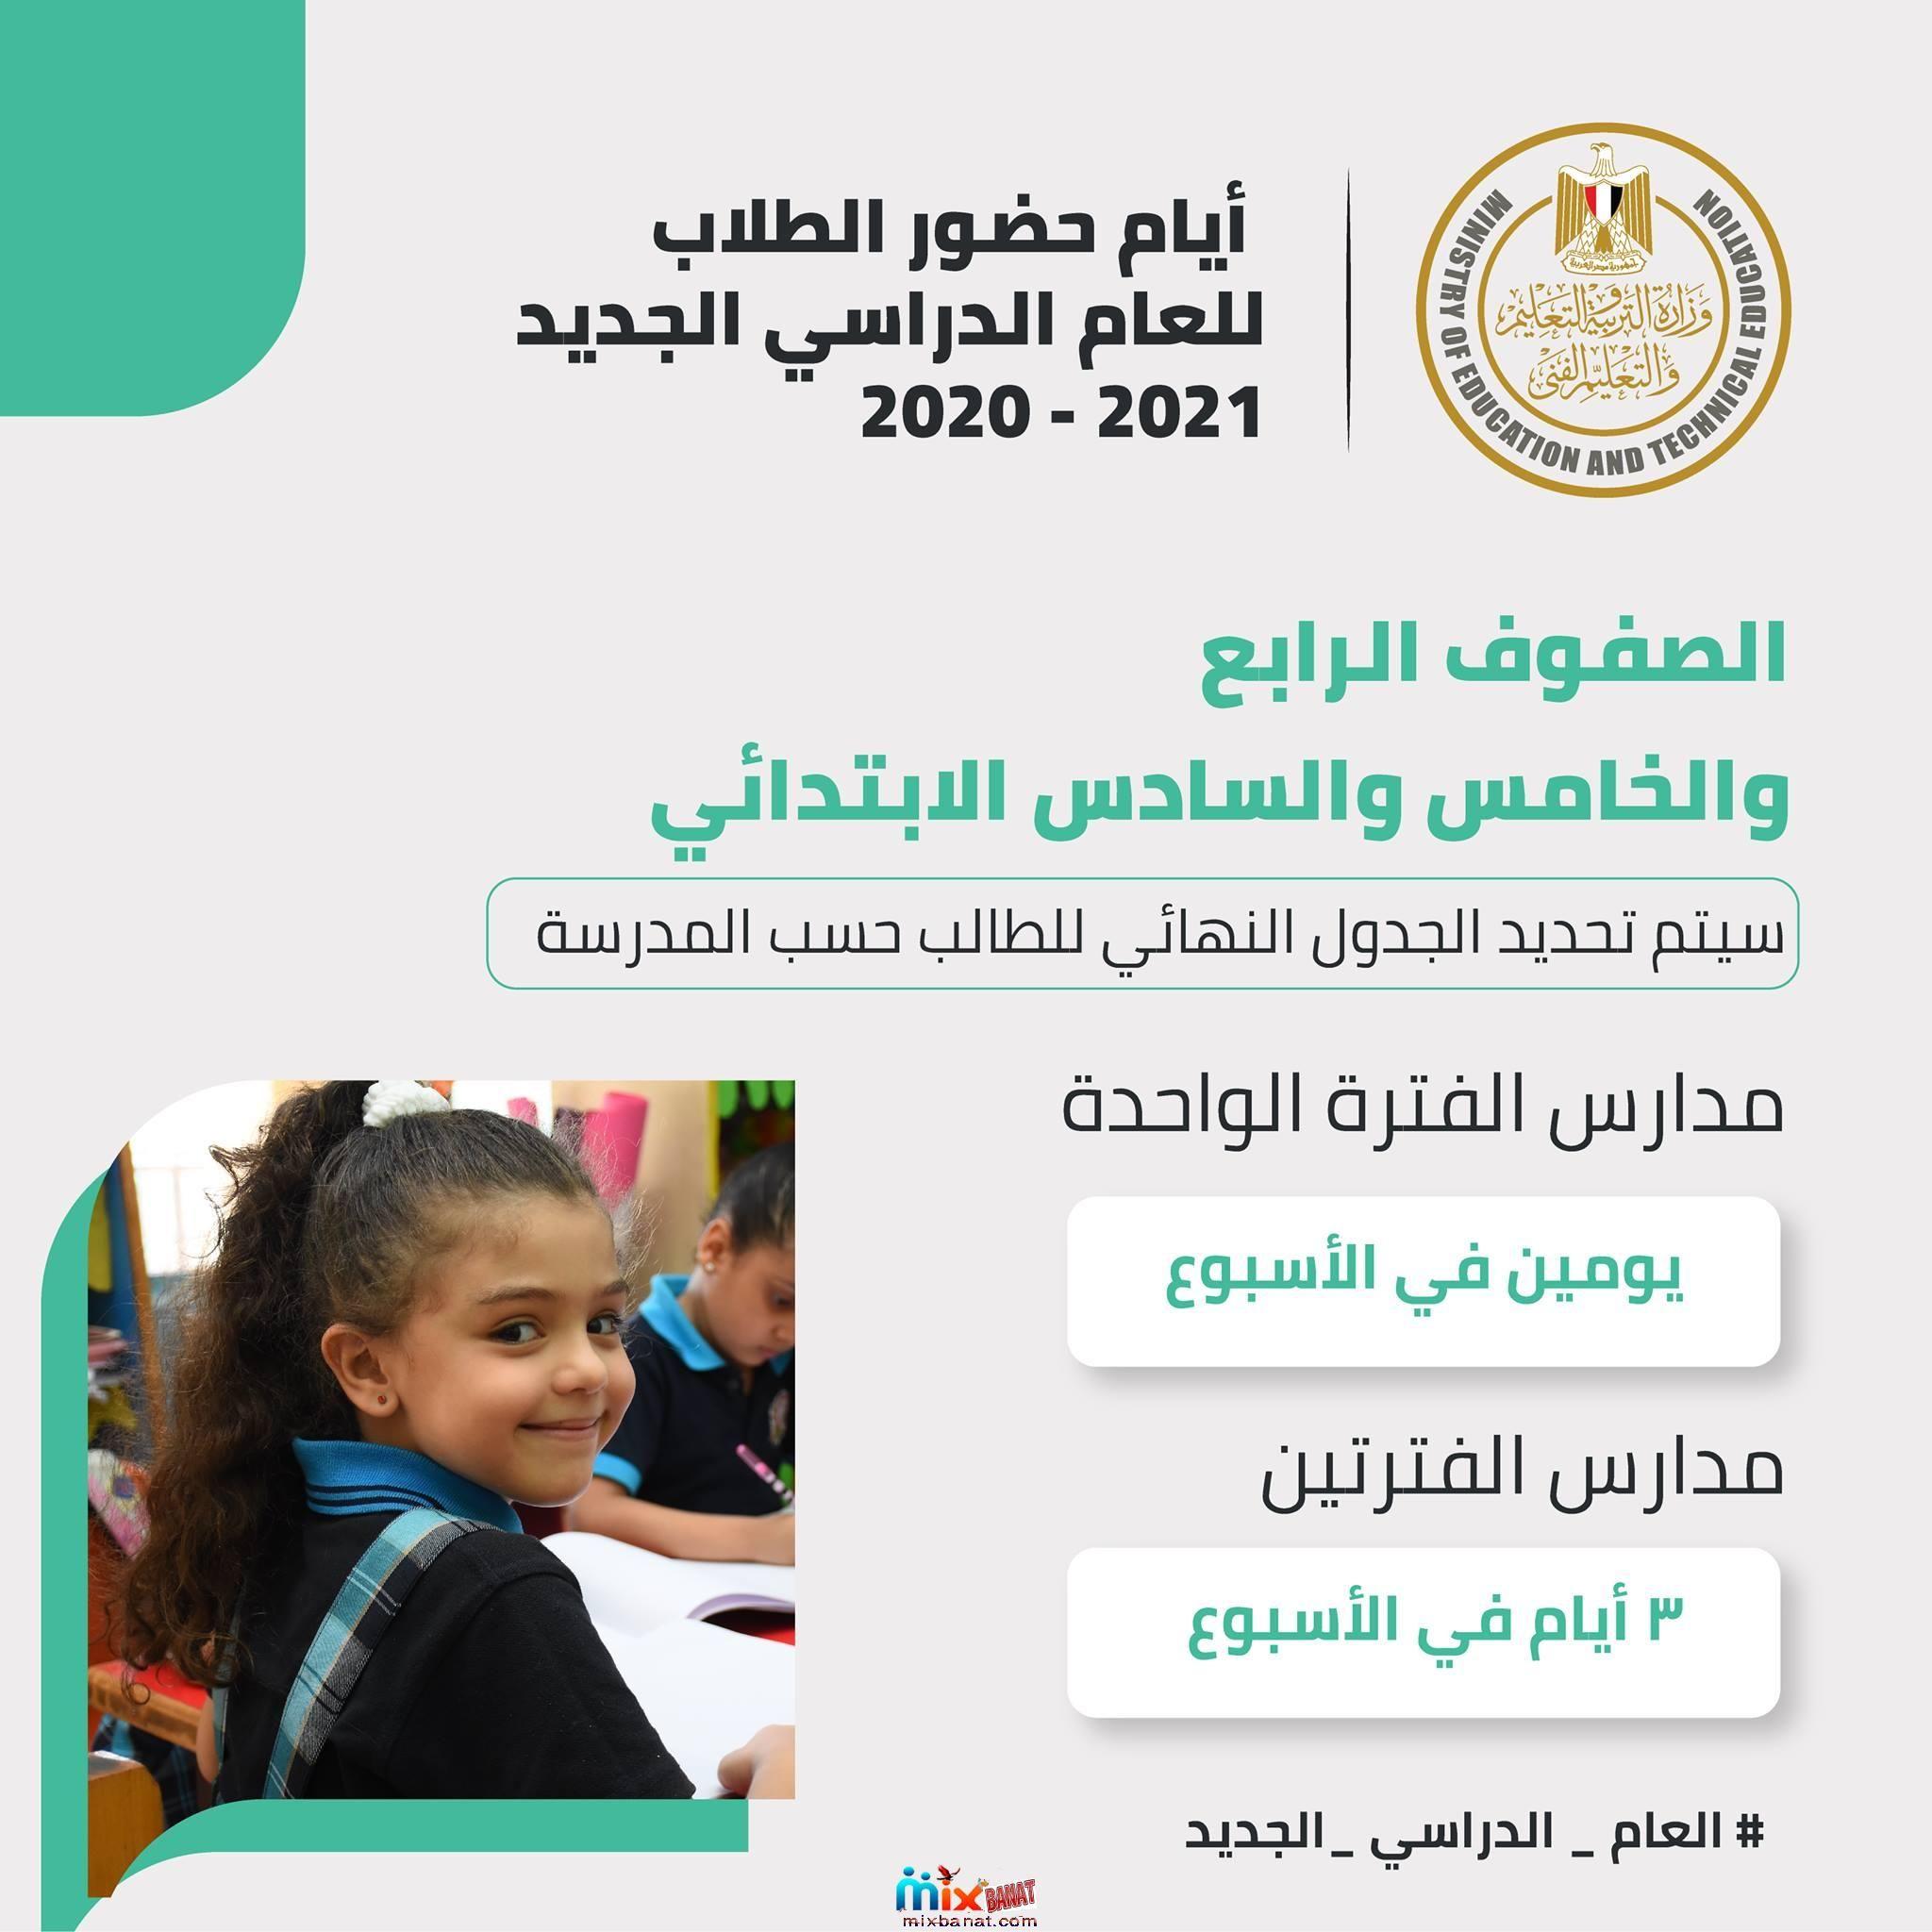 تفاصيل خطة العام الدراسي الجديد 2020 2021 بحسب اعلان وزير التربية والتعليم المصري Education Incoming Call Technical